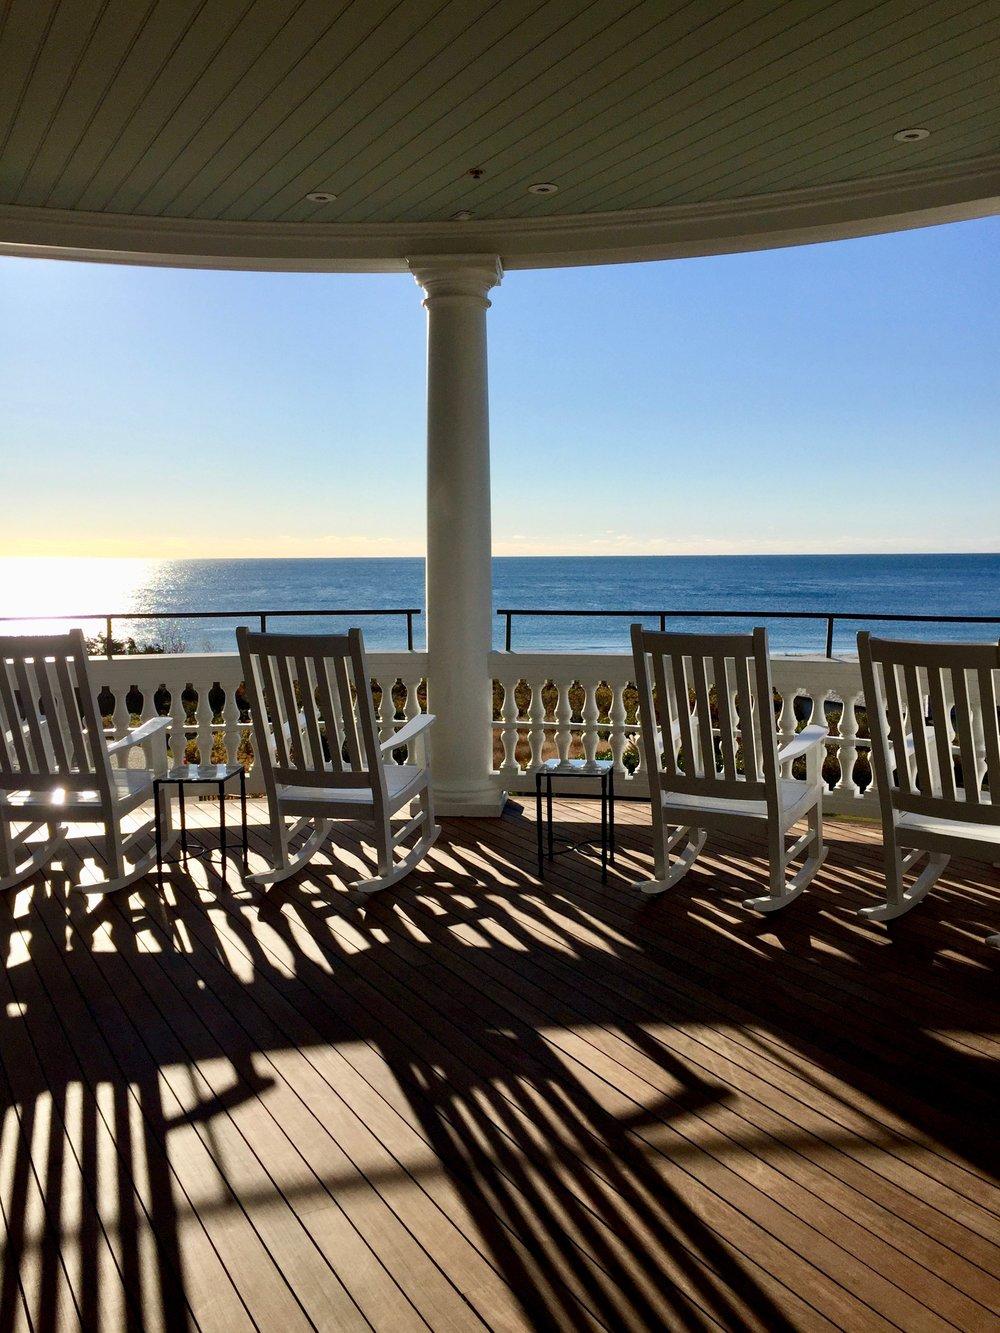 ocean view at ocean house watch hill rhode island